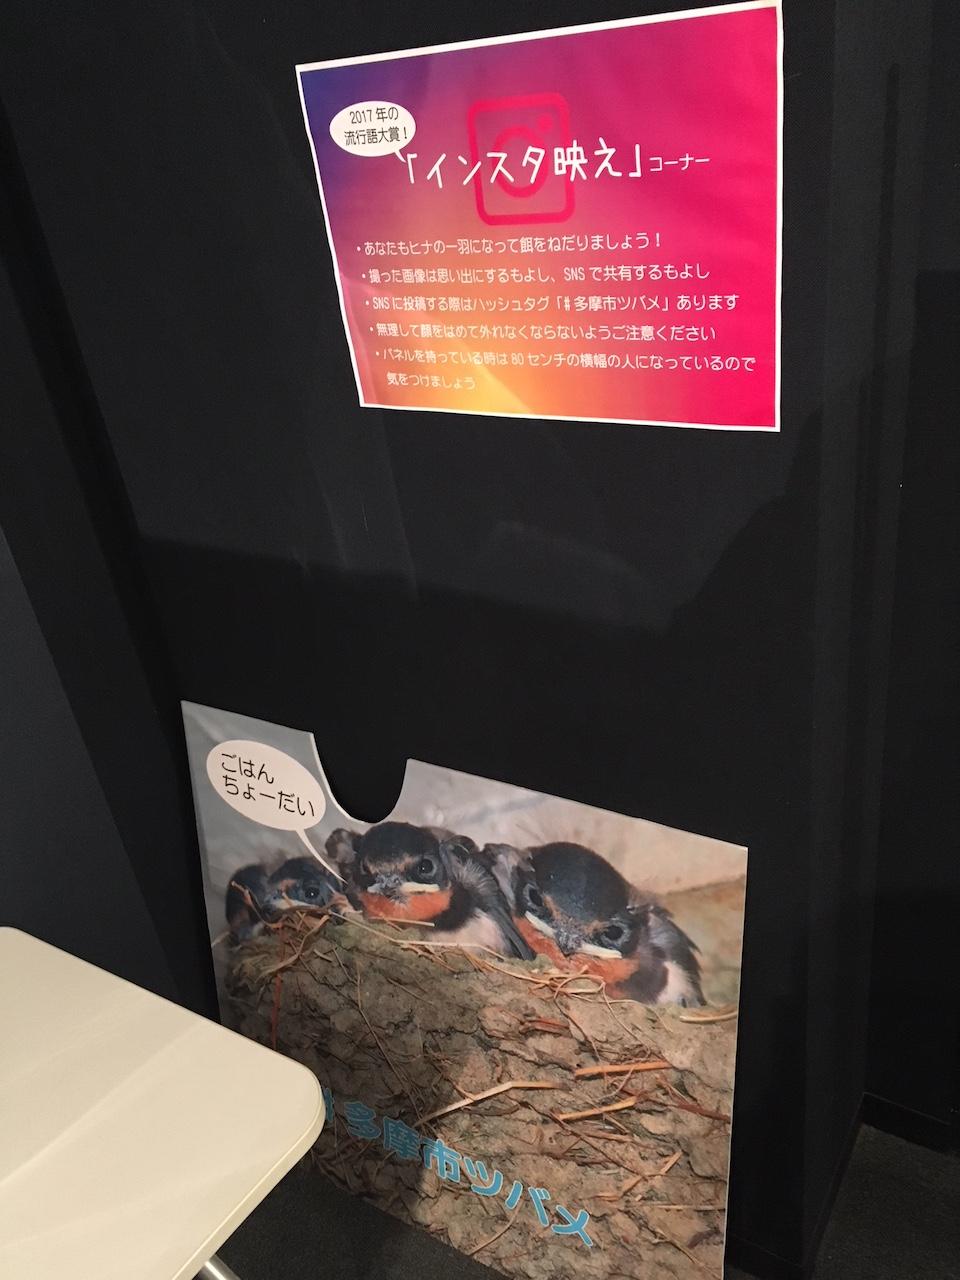 パルテノン多摩 歴史ミュージアム「多摩市ツバメ調査から見た地域」展